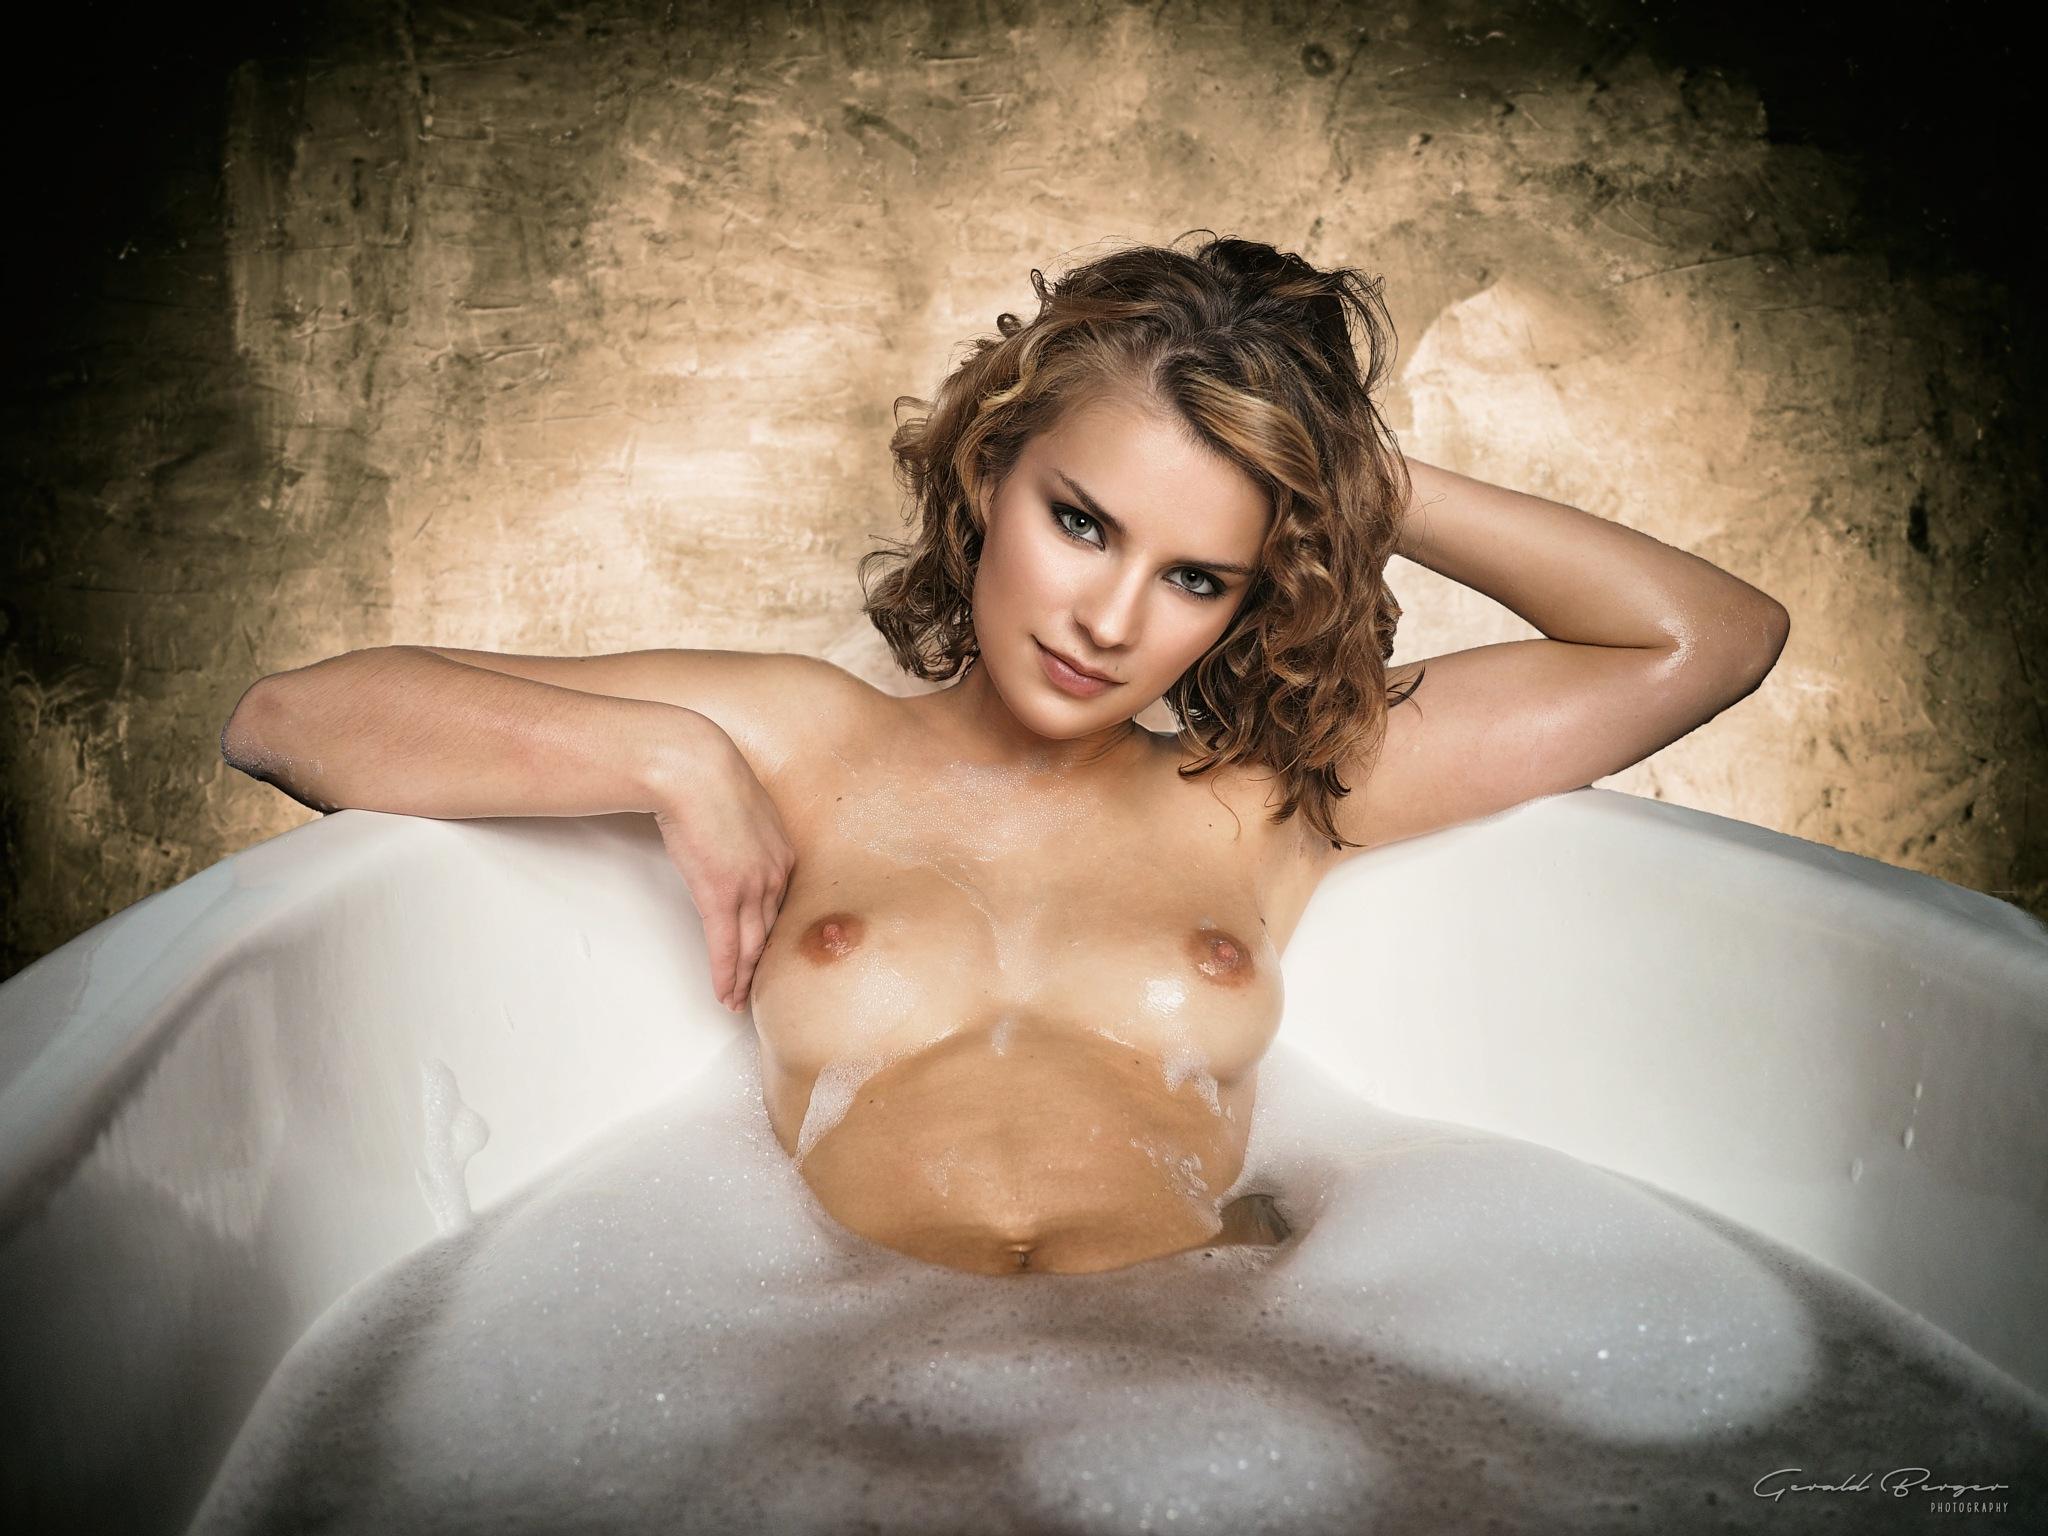 Take a bath by Gerald Berger